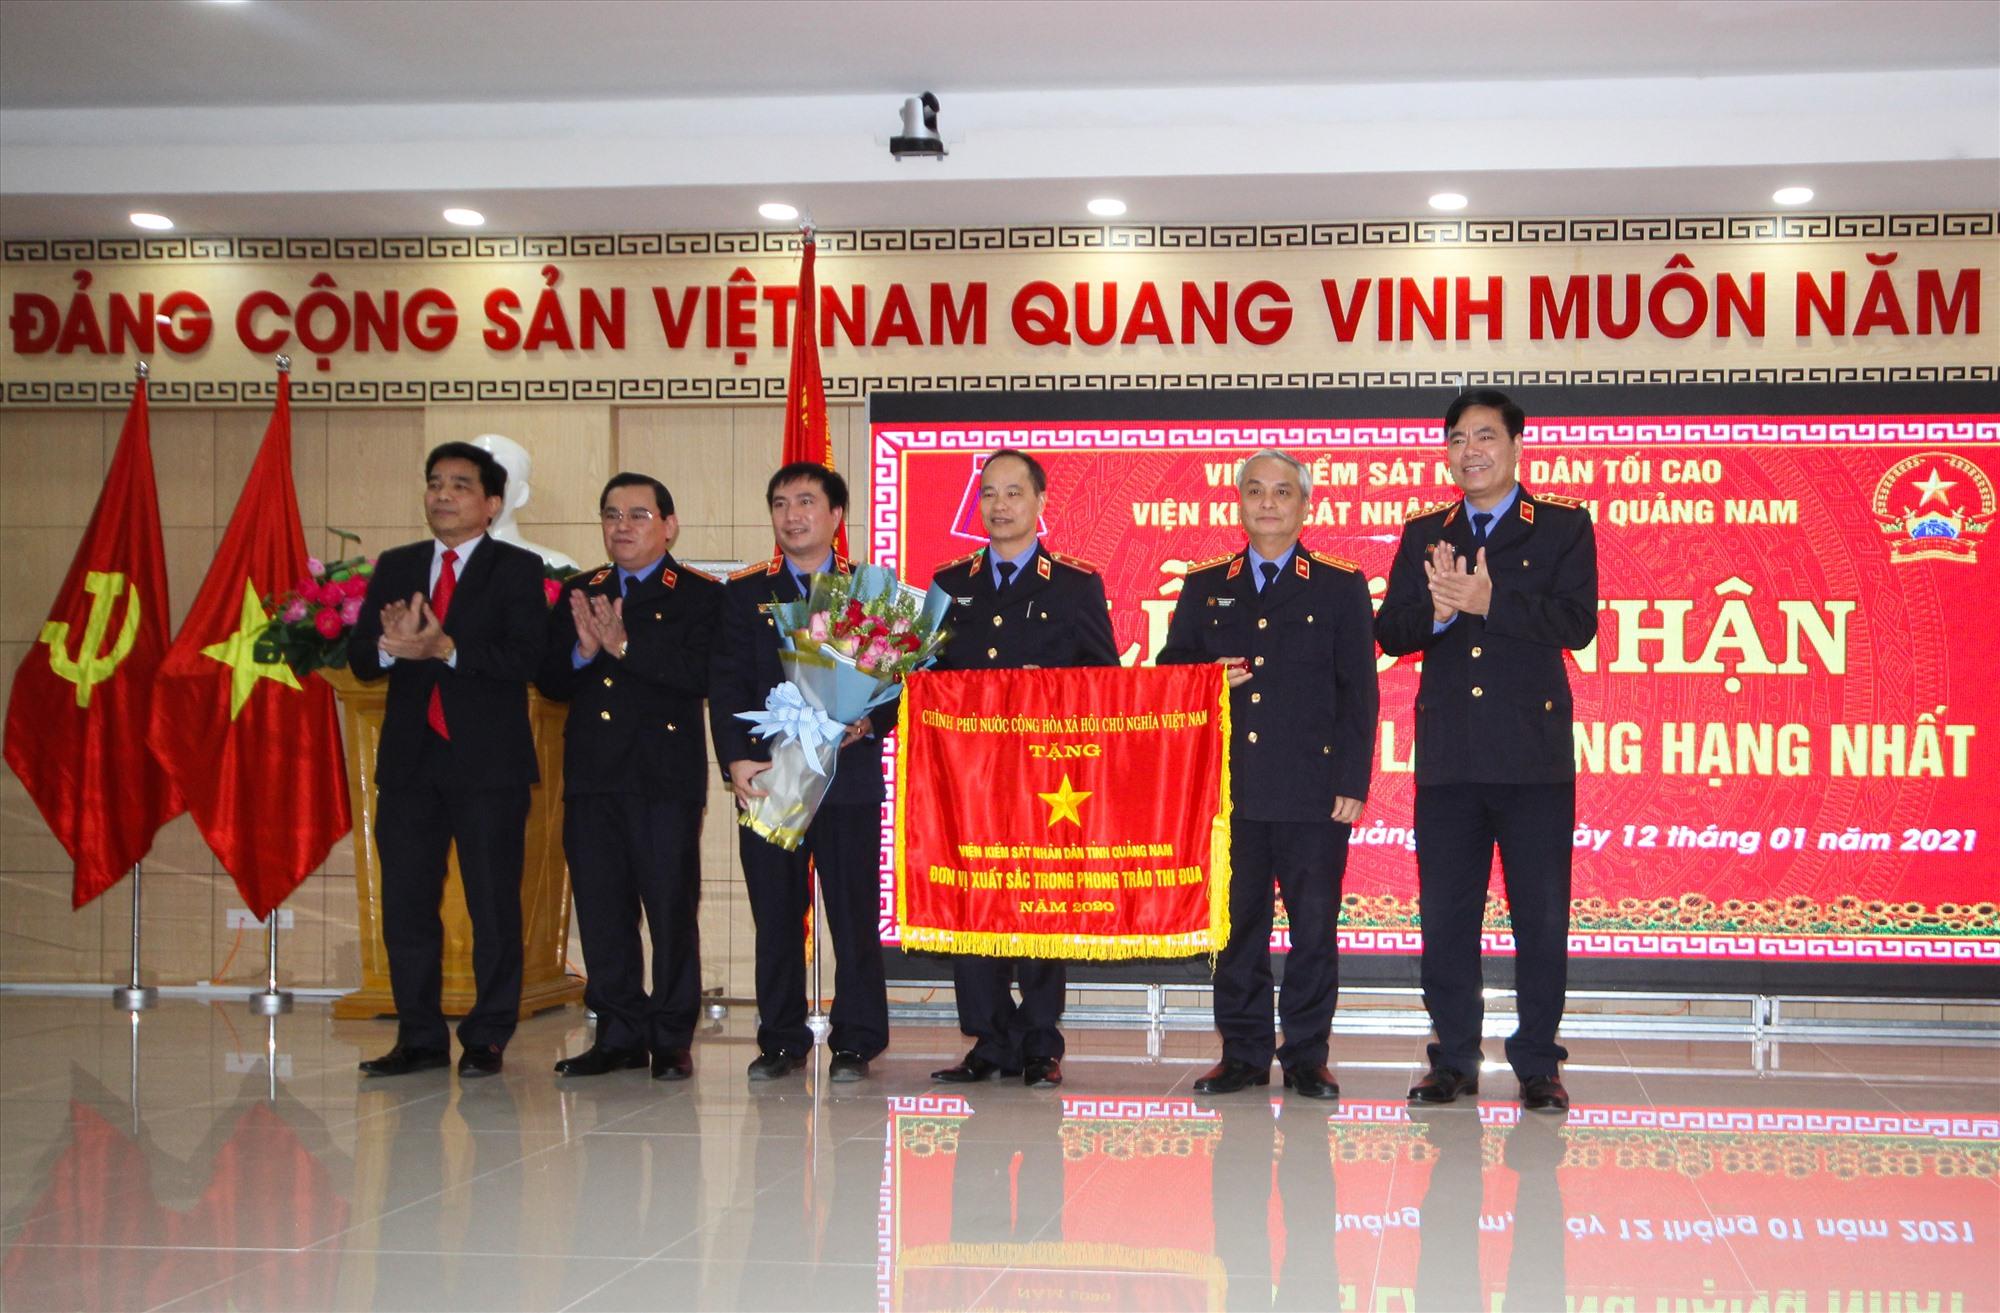 Phó Bí thư Tỉnh ủy Lê Văn Dũng trao Cờ thi đua của Chính phủ cho Viện kiểm sát nhân dân tỉnh. Ảnh: T.C